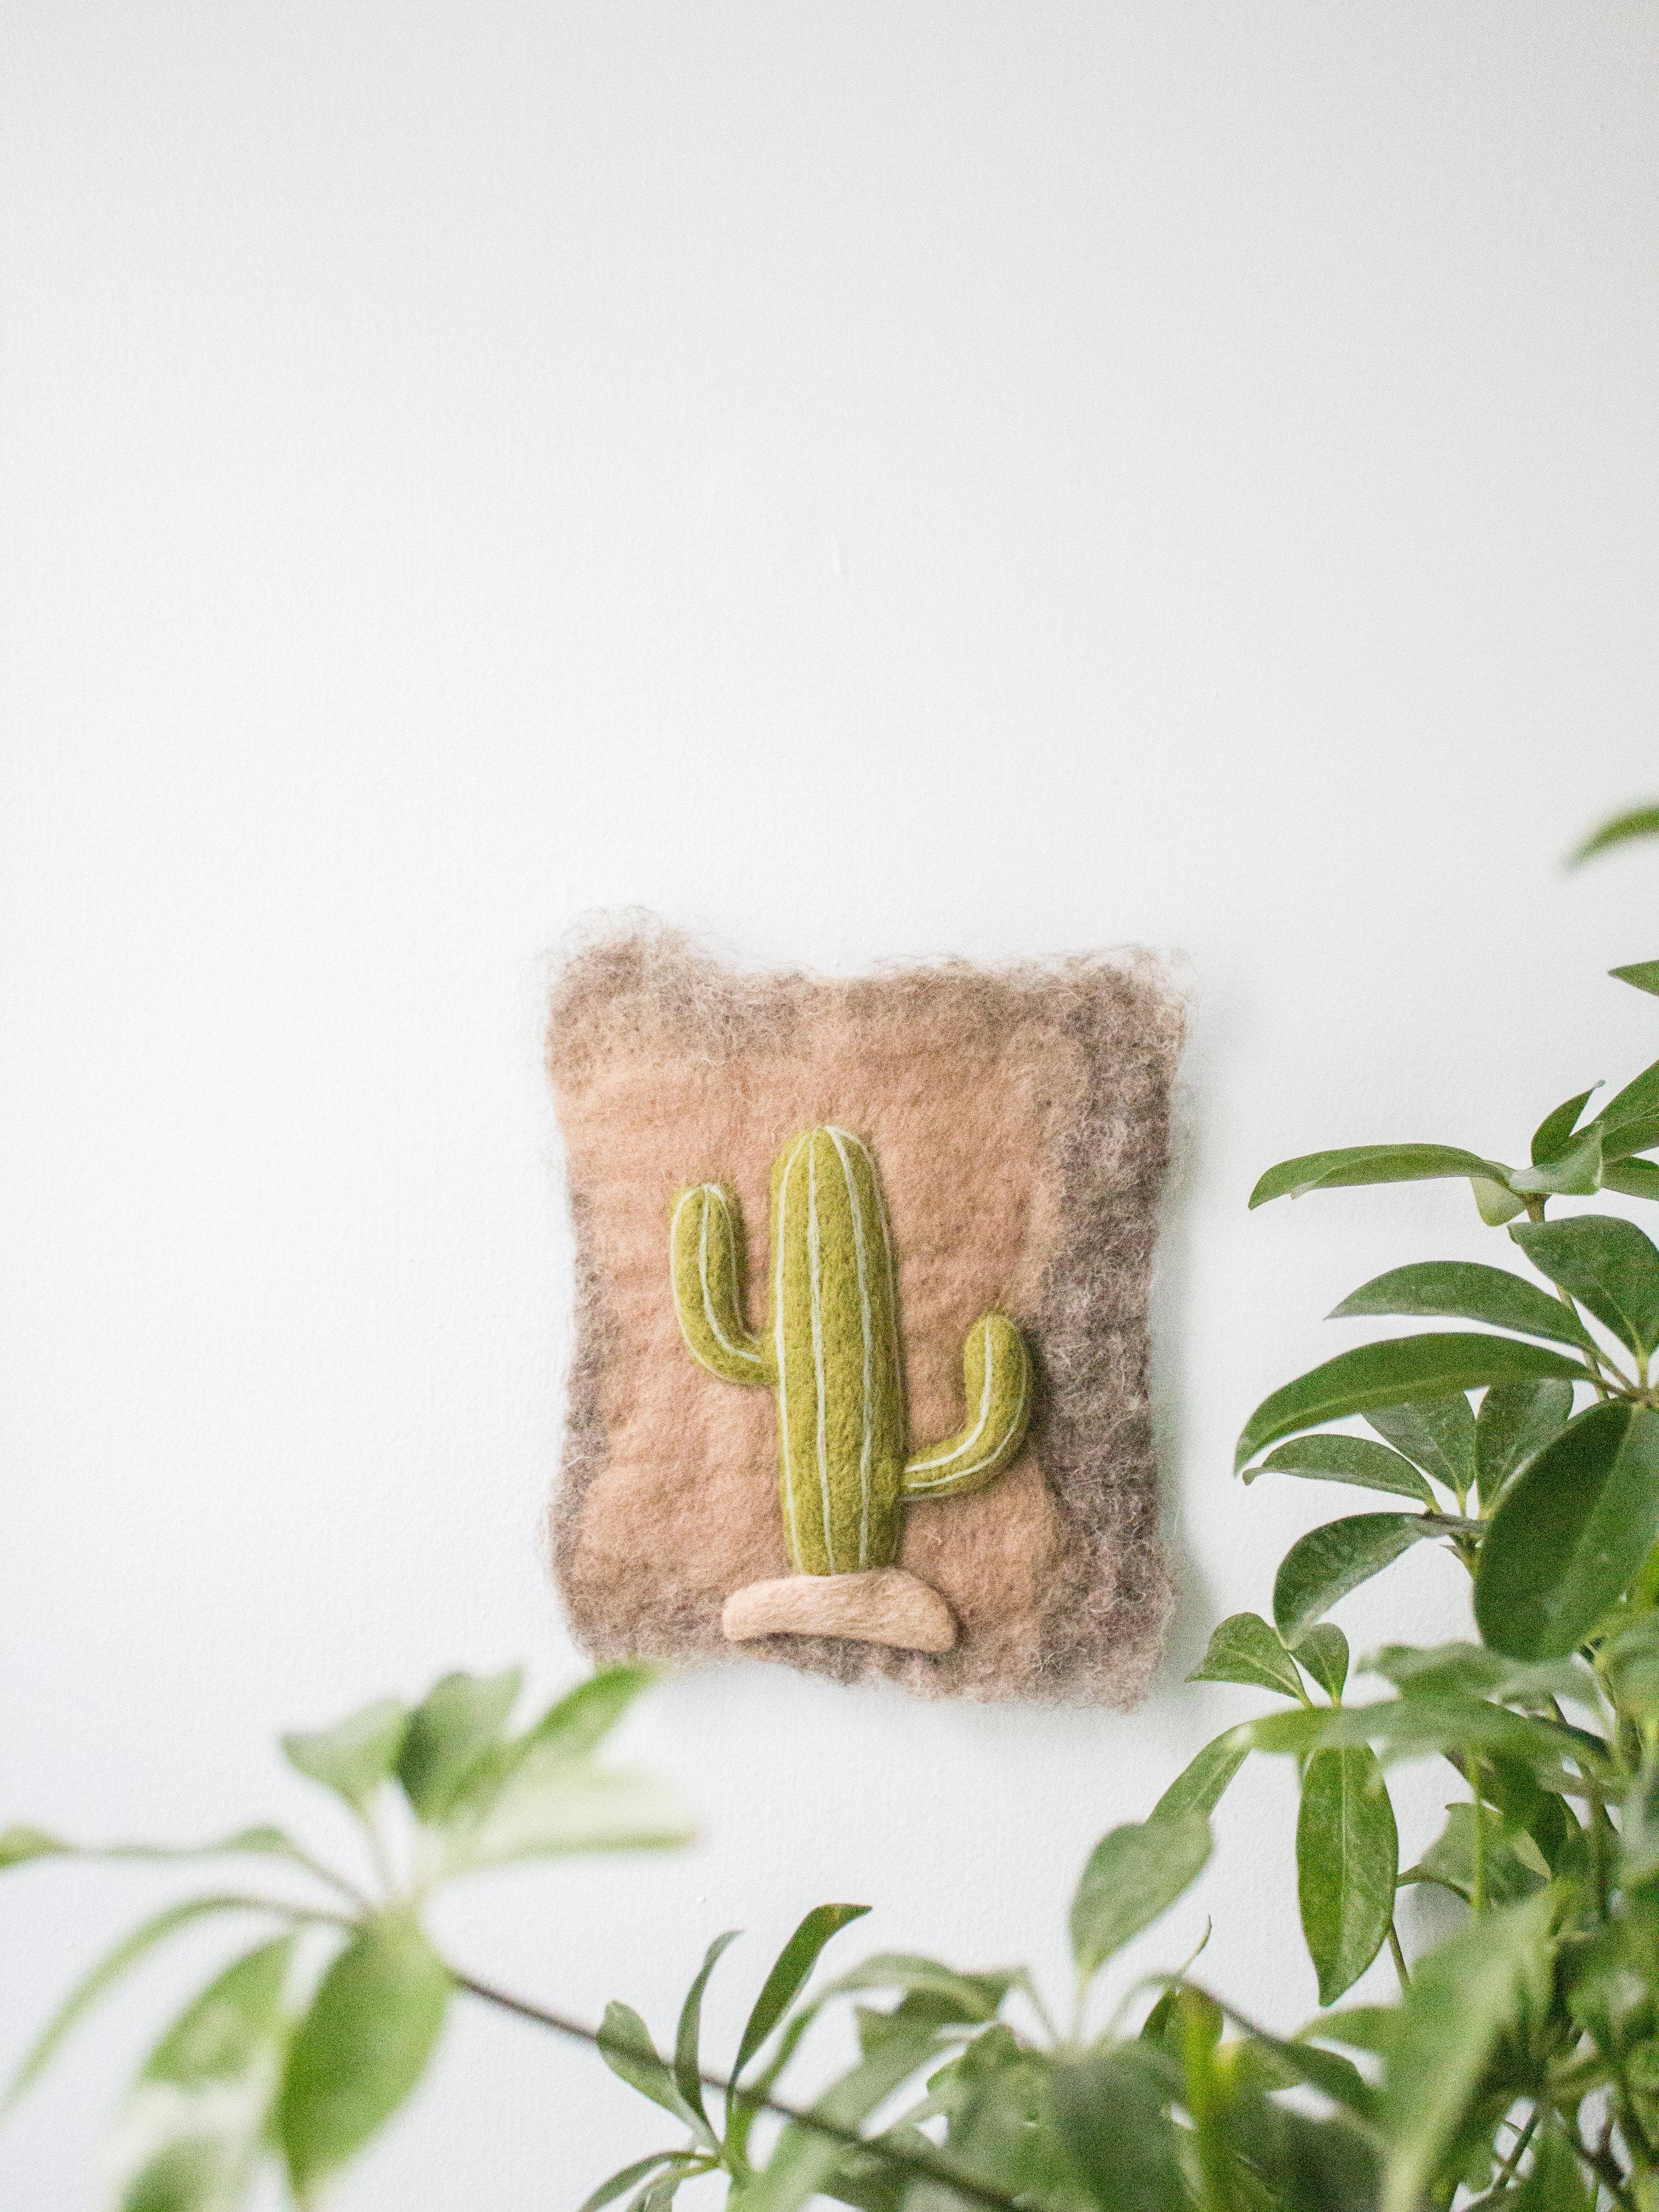 Saguaro Cactus 1